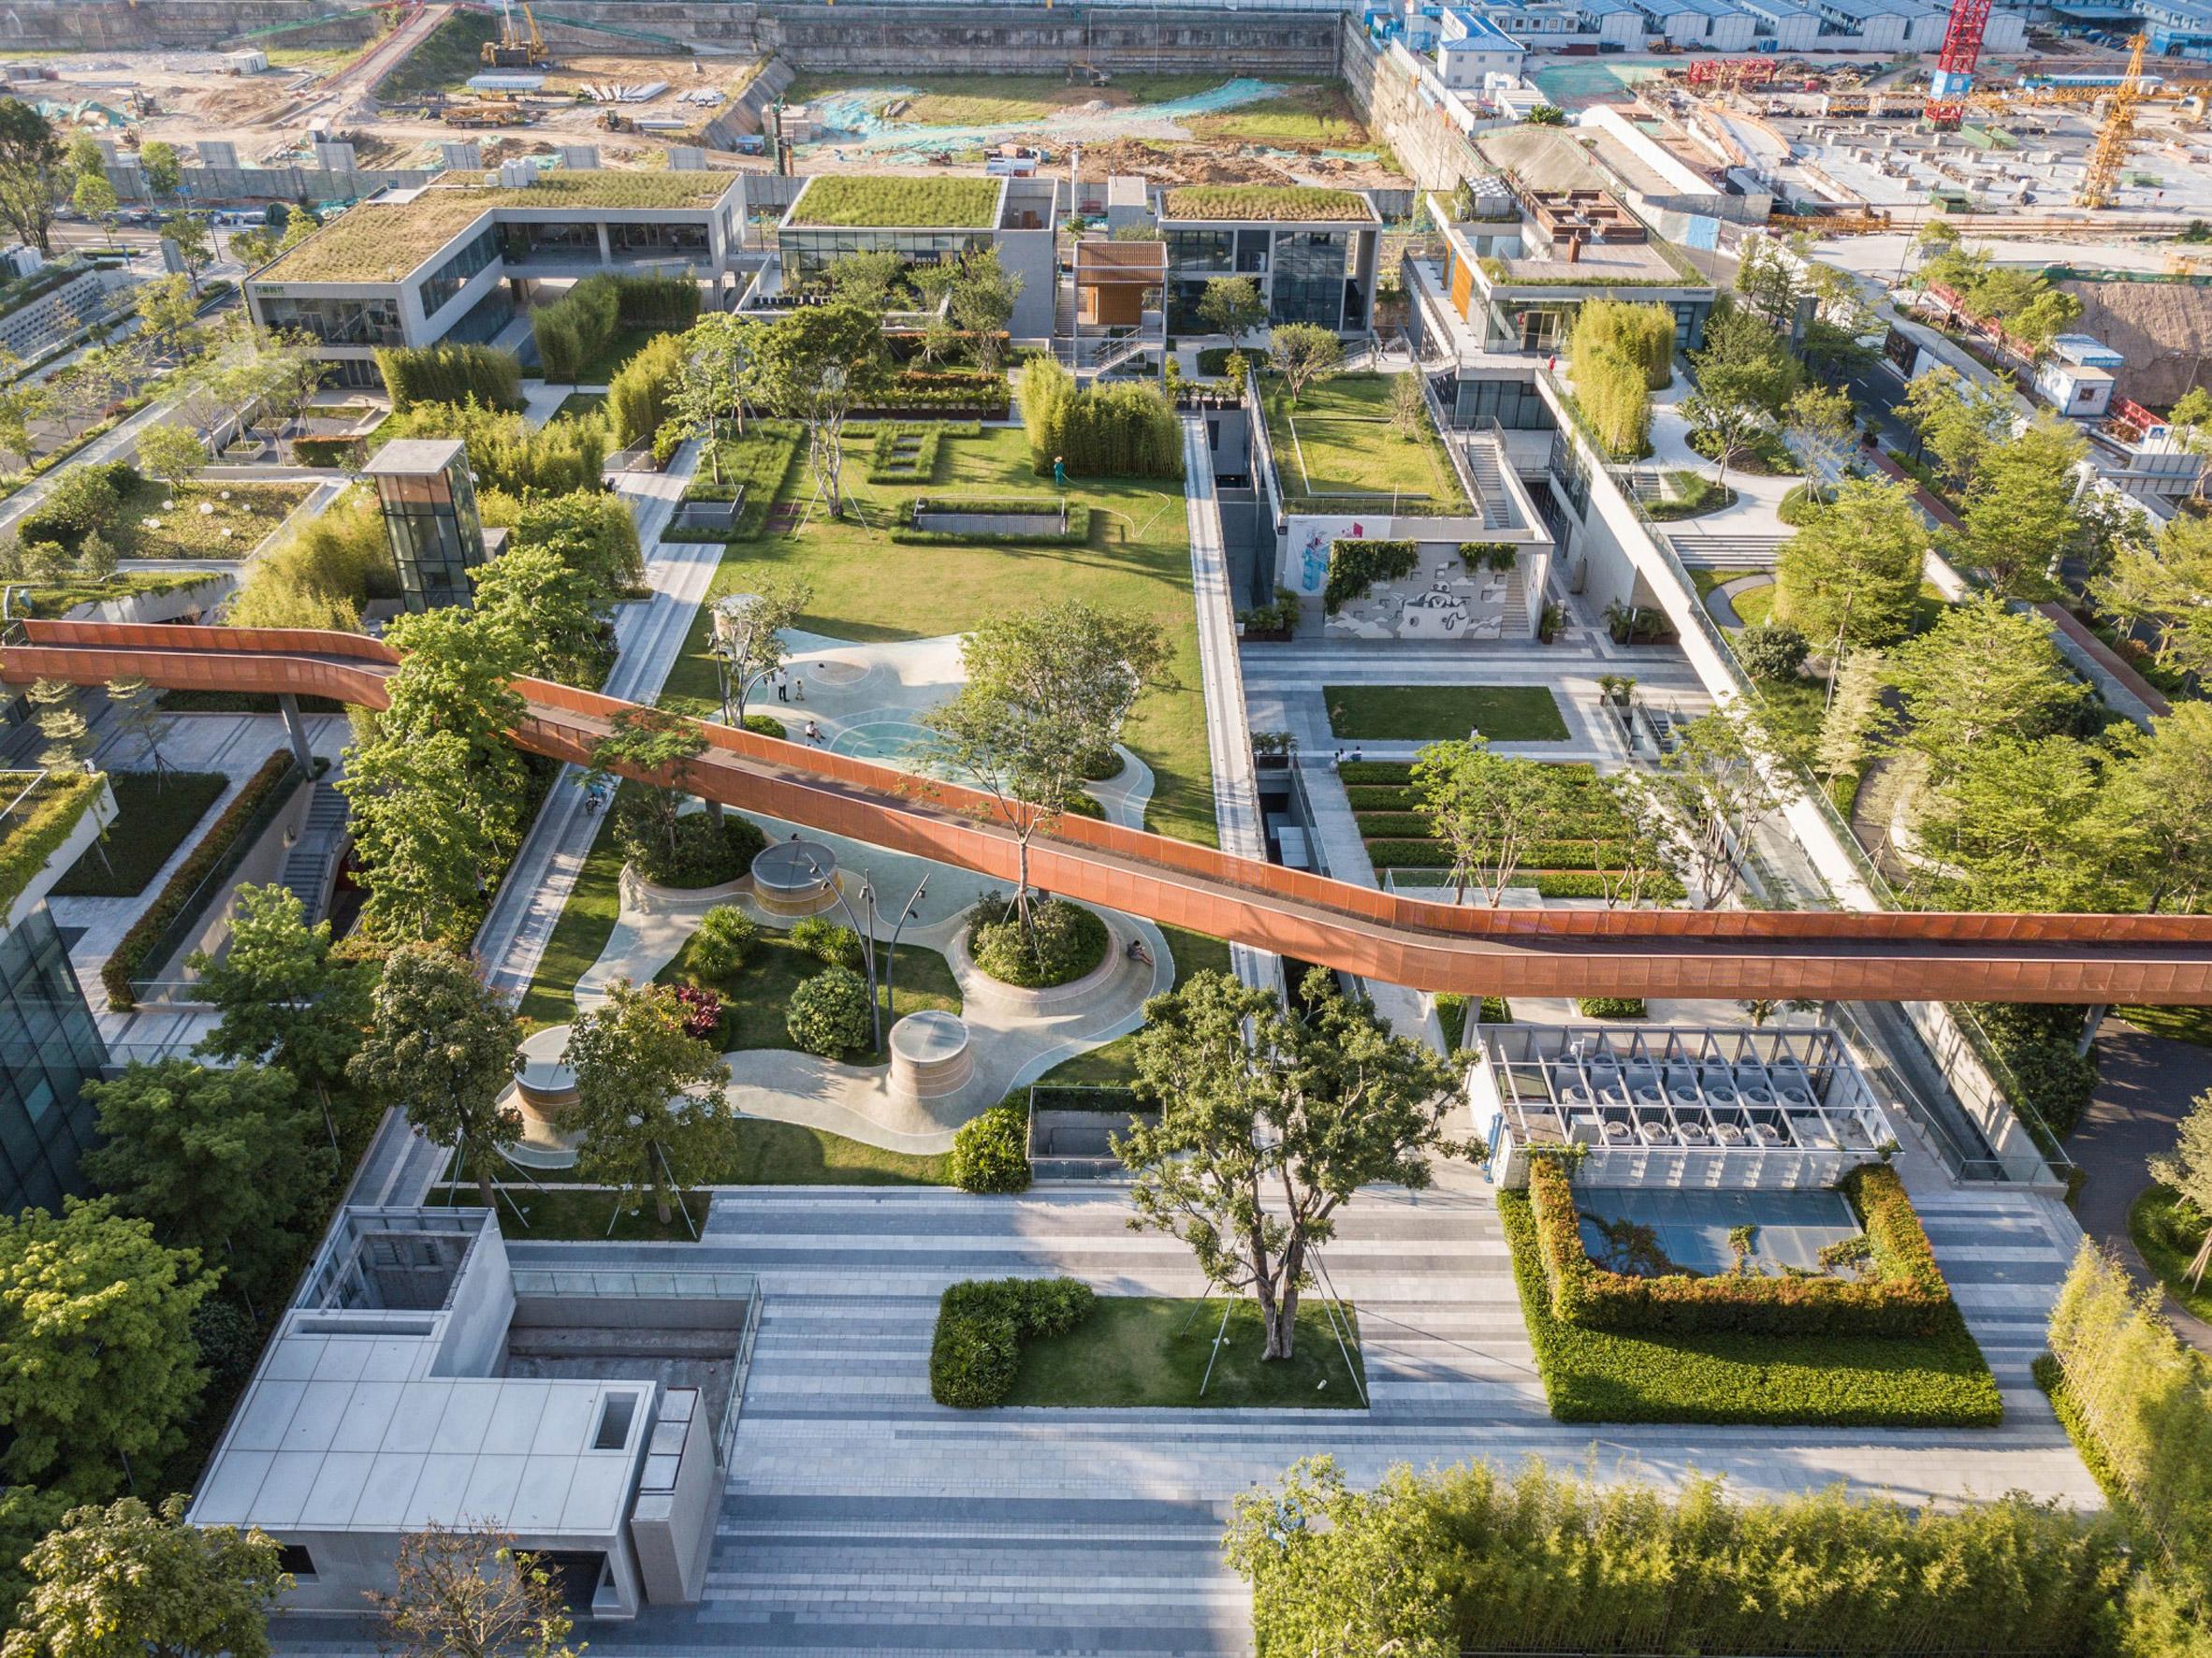 Thiết kế cảnh quancông viên cây xanh 2